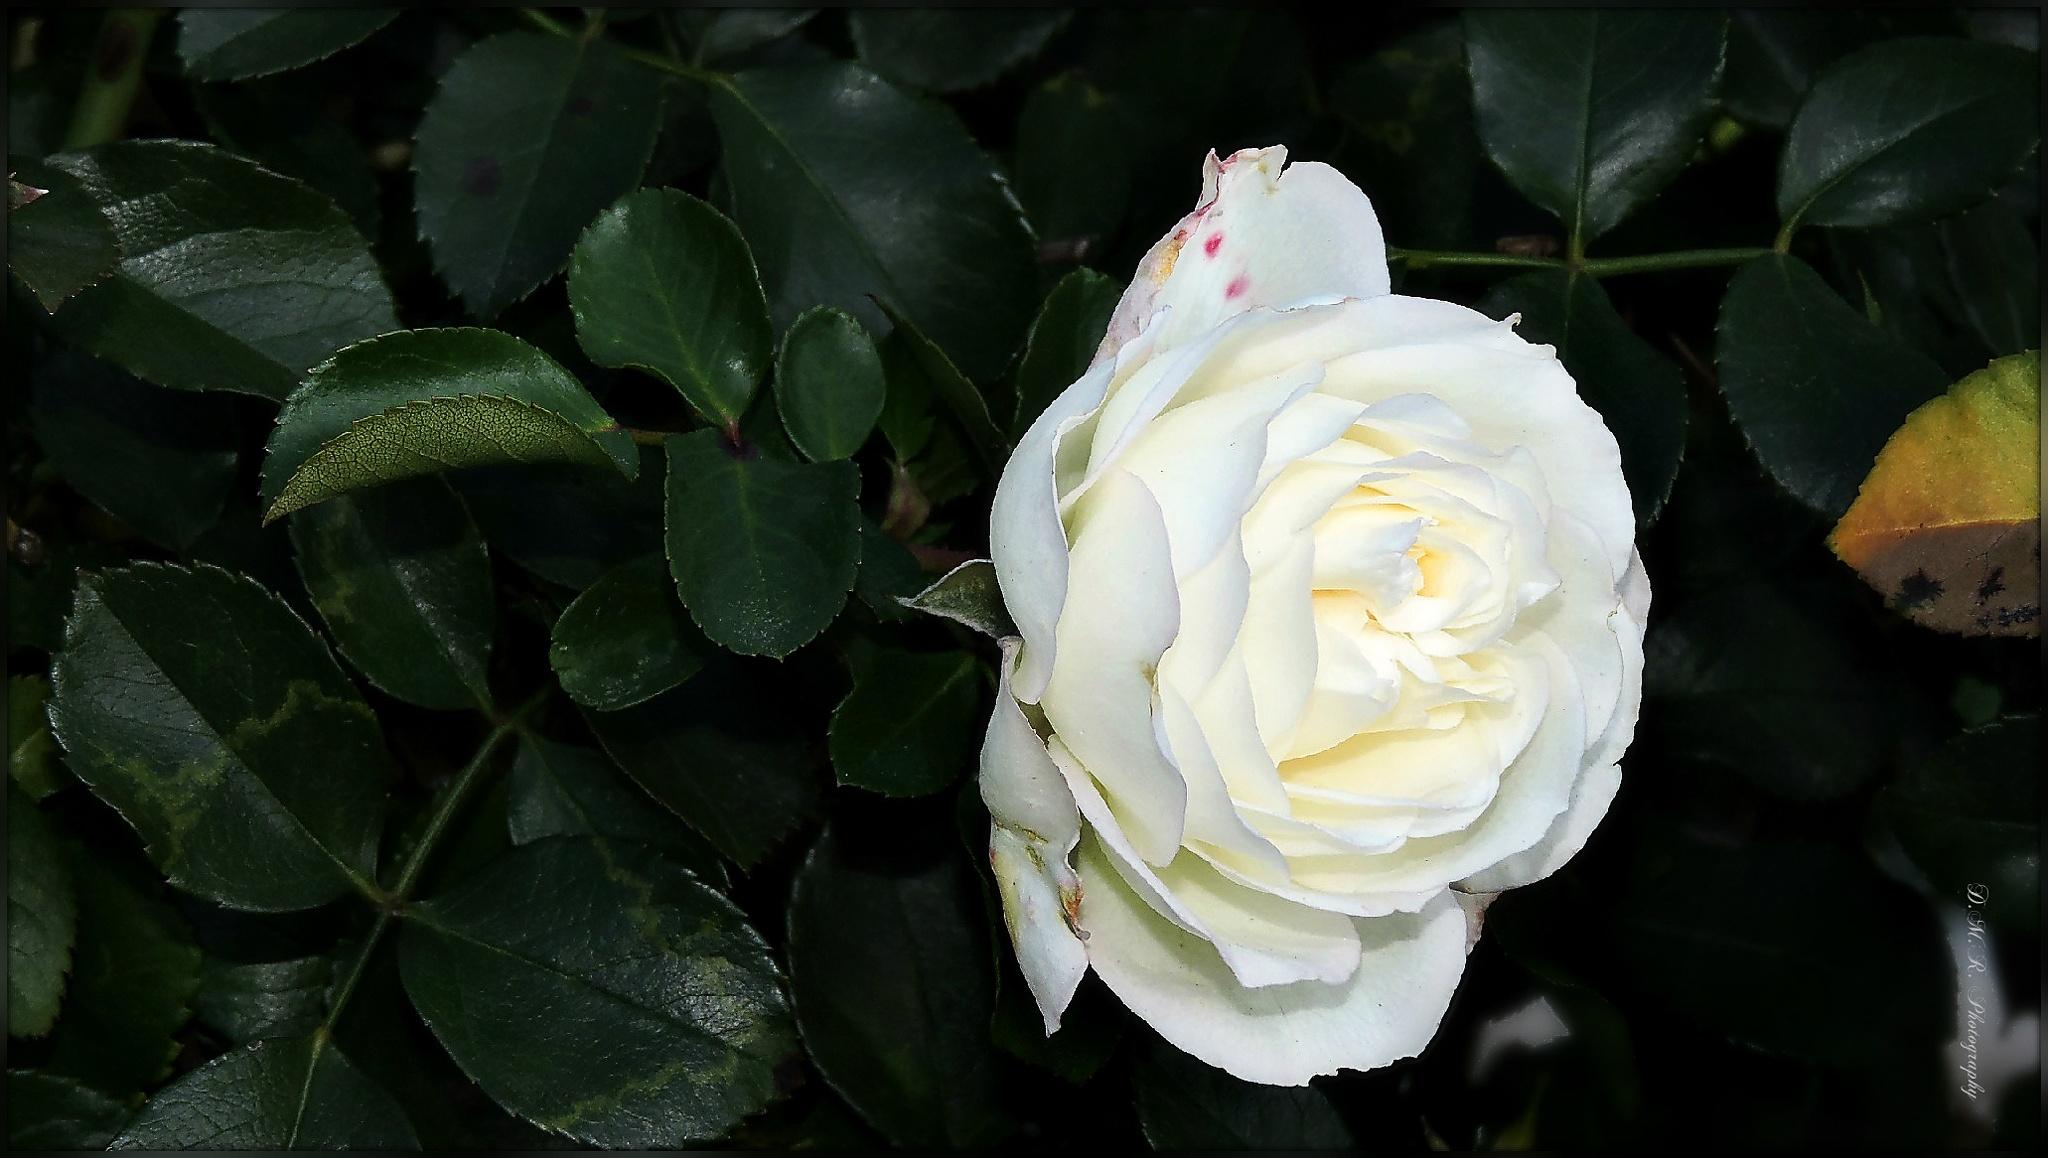 Rosa alba L. by Драгана М. Реџић